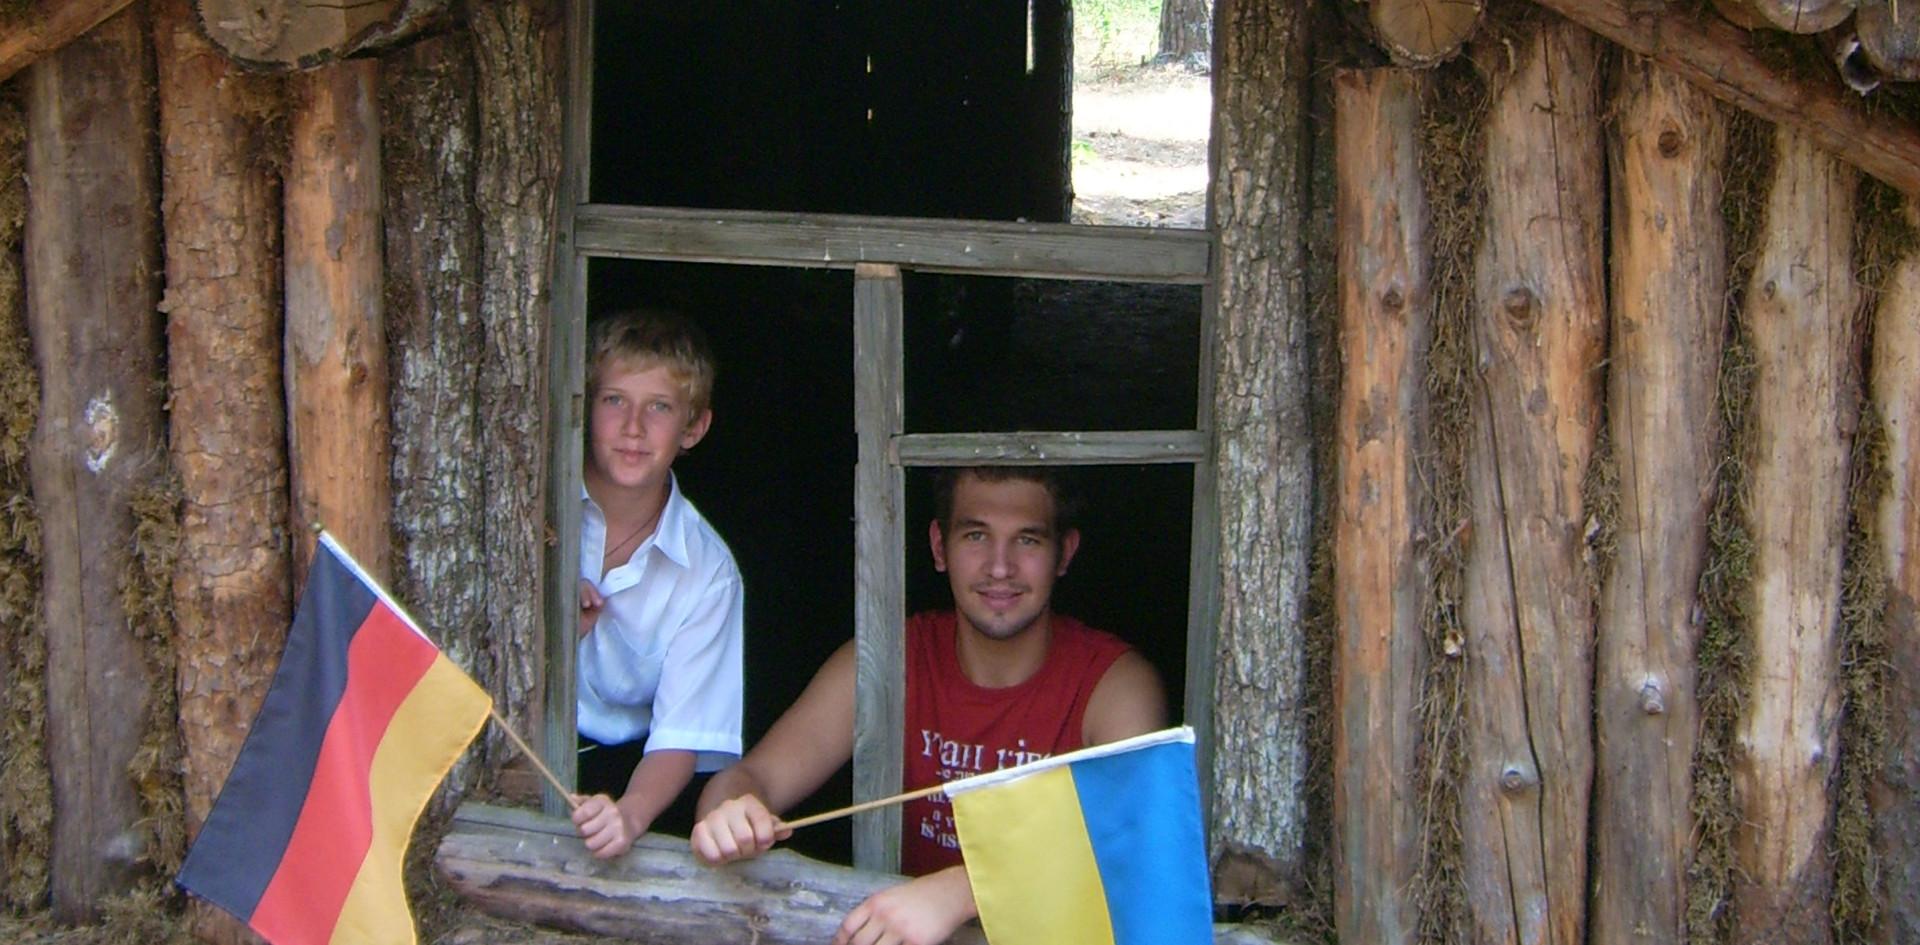 Ein ukrainischer und ein deutscher Jugendlicher schwenkten 2010 in einem Partisanenunterstand im Wald von Jelino die Fahne des jeweils anderen Landes